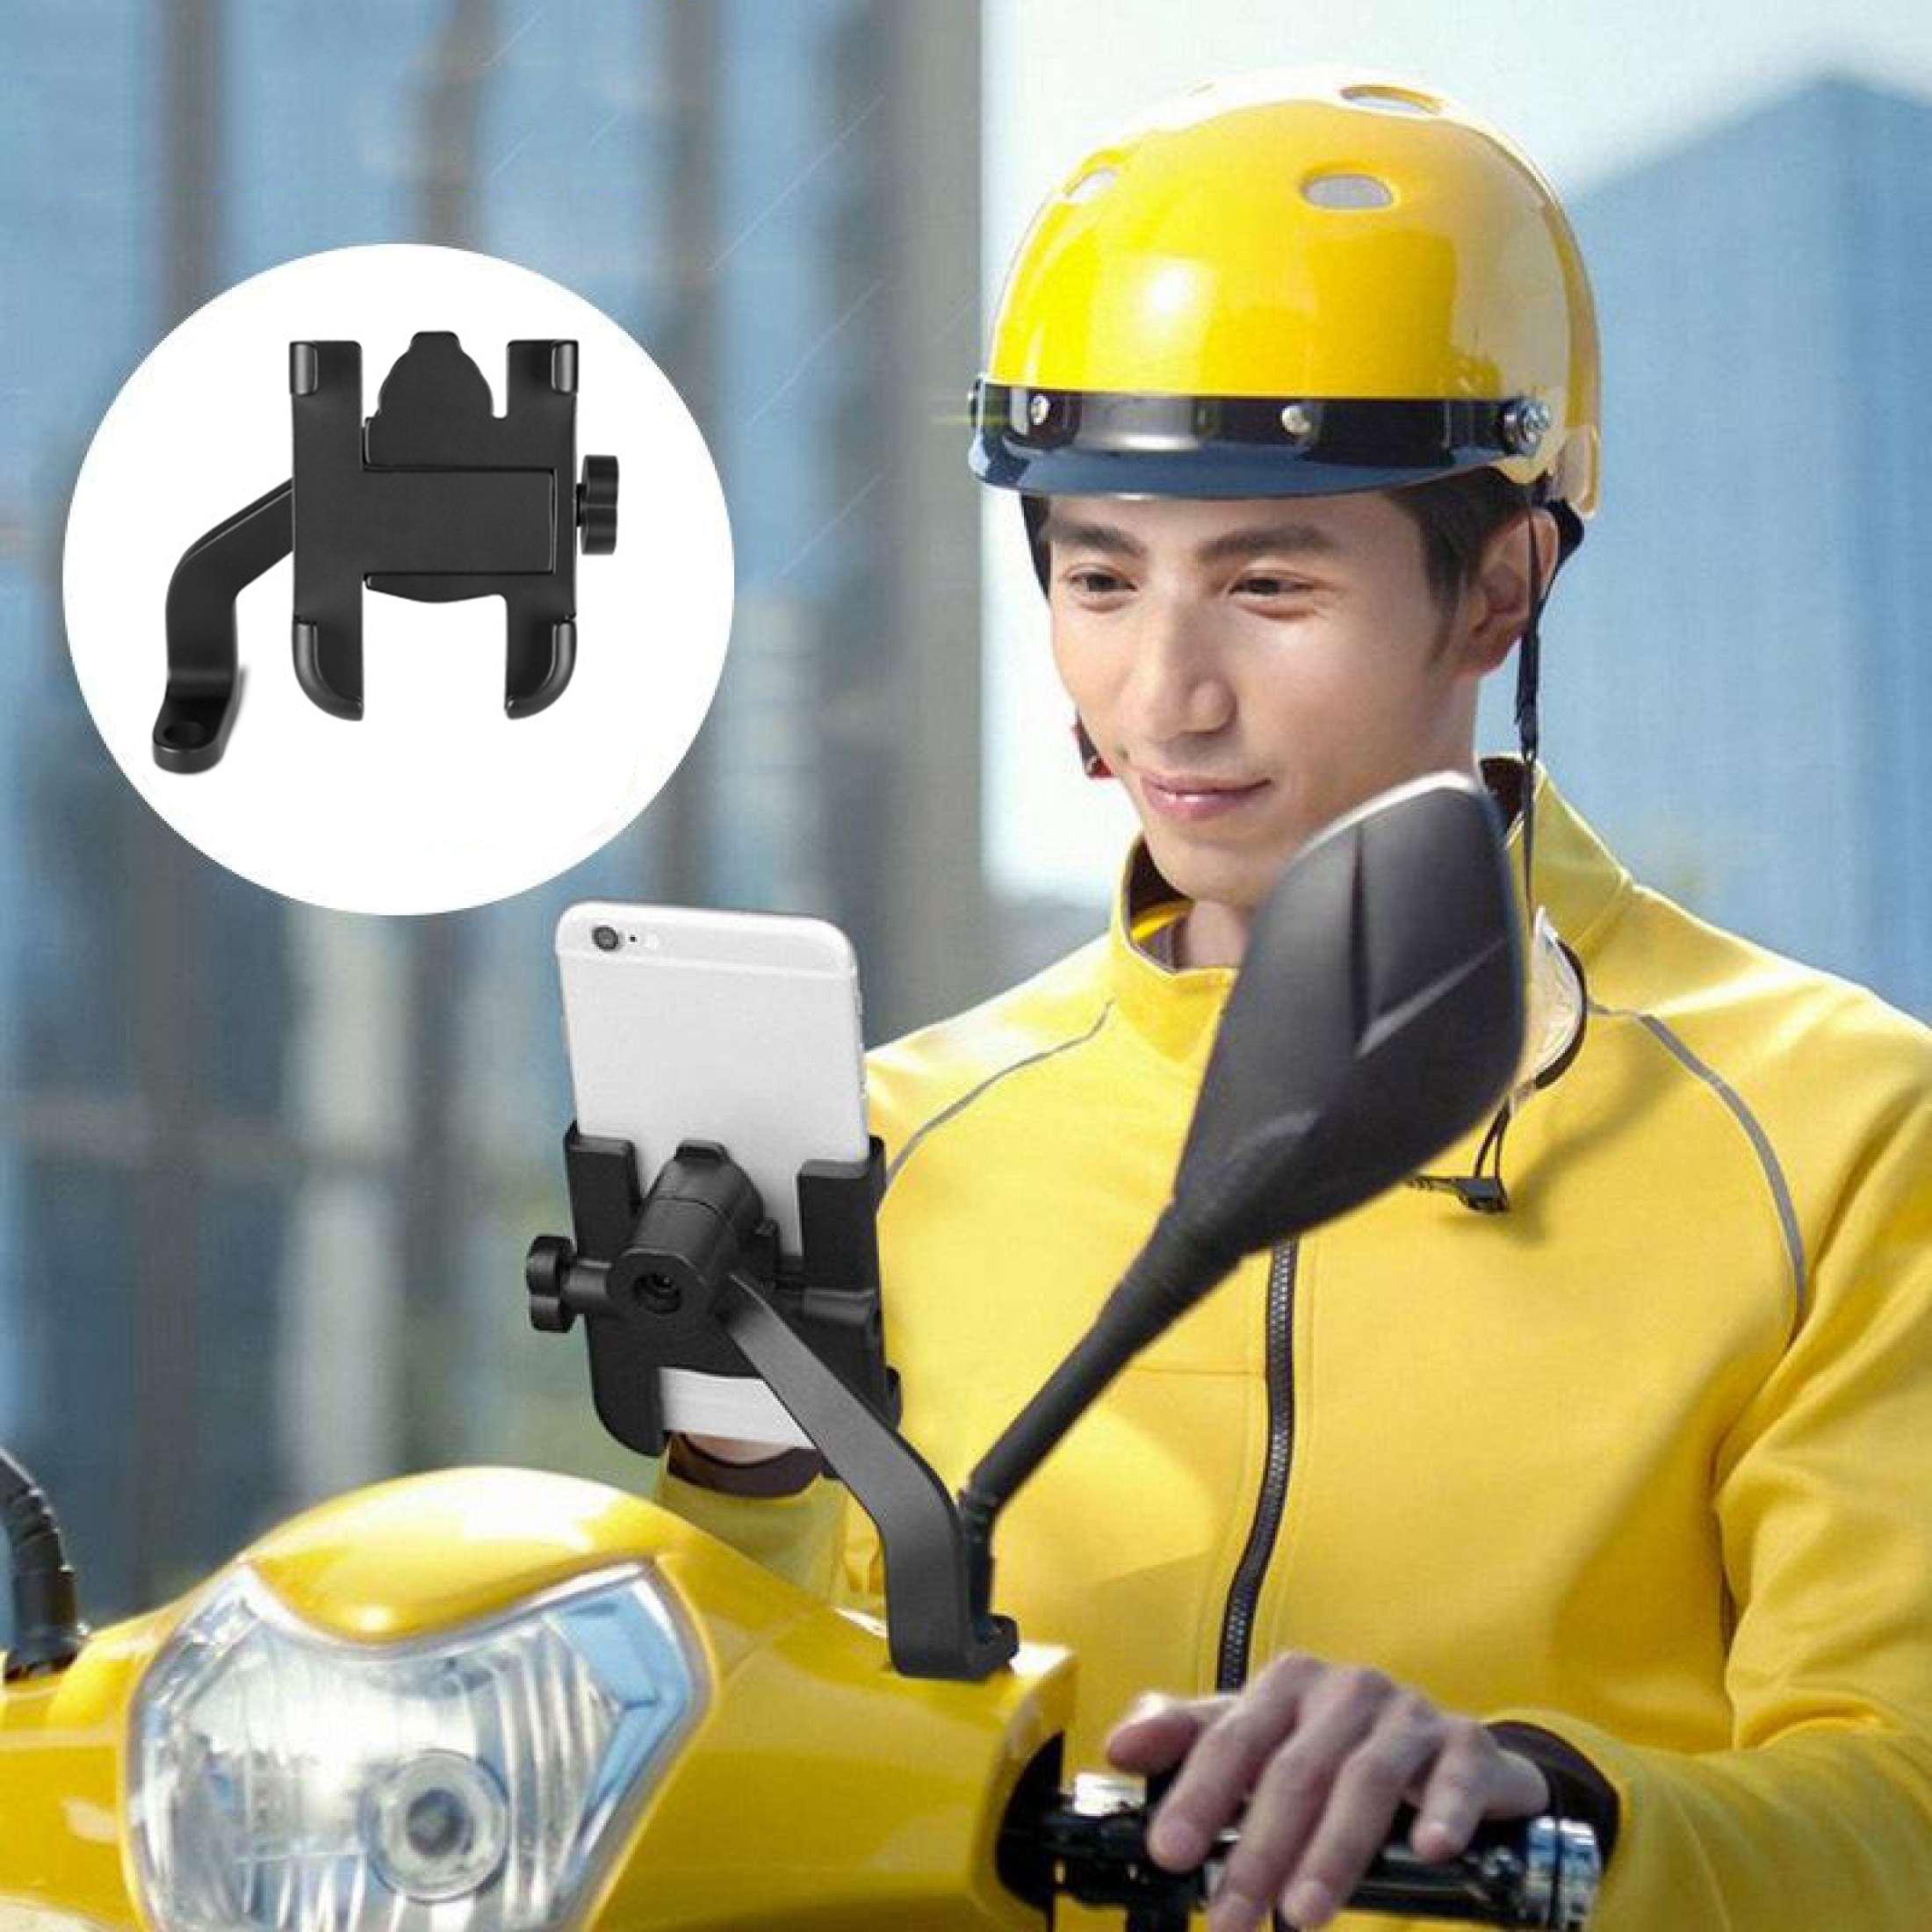 Kẹp Kim Loại Smartphone Vào Kính Chiếu Hậu Xe Máy